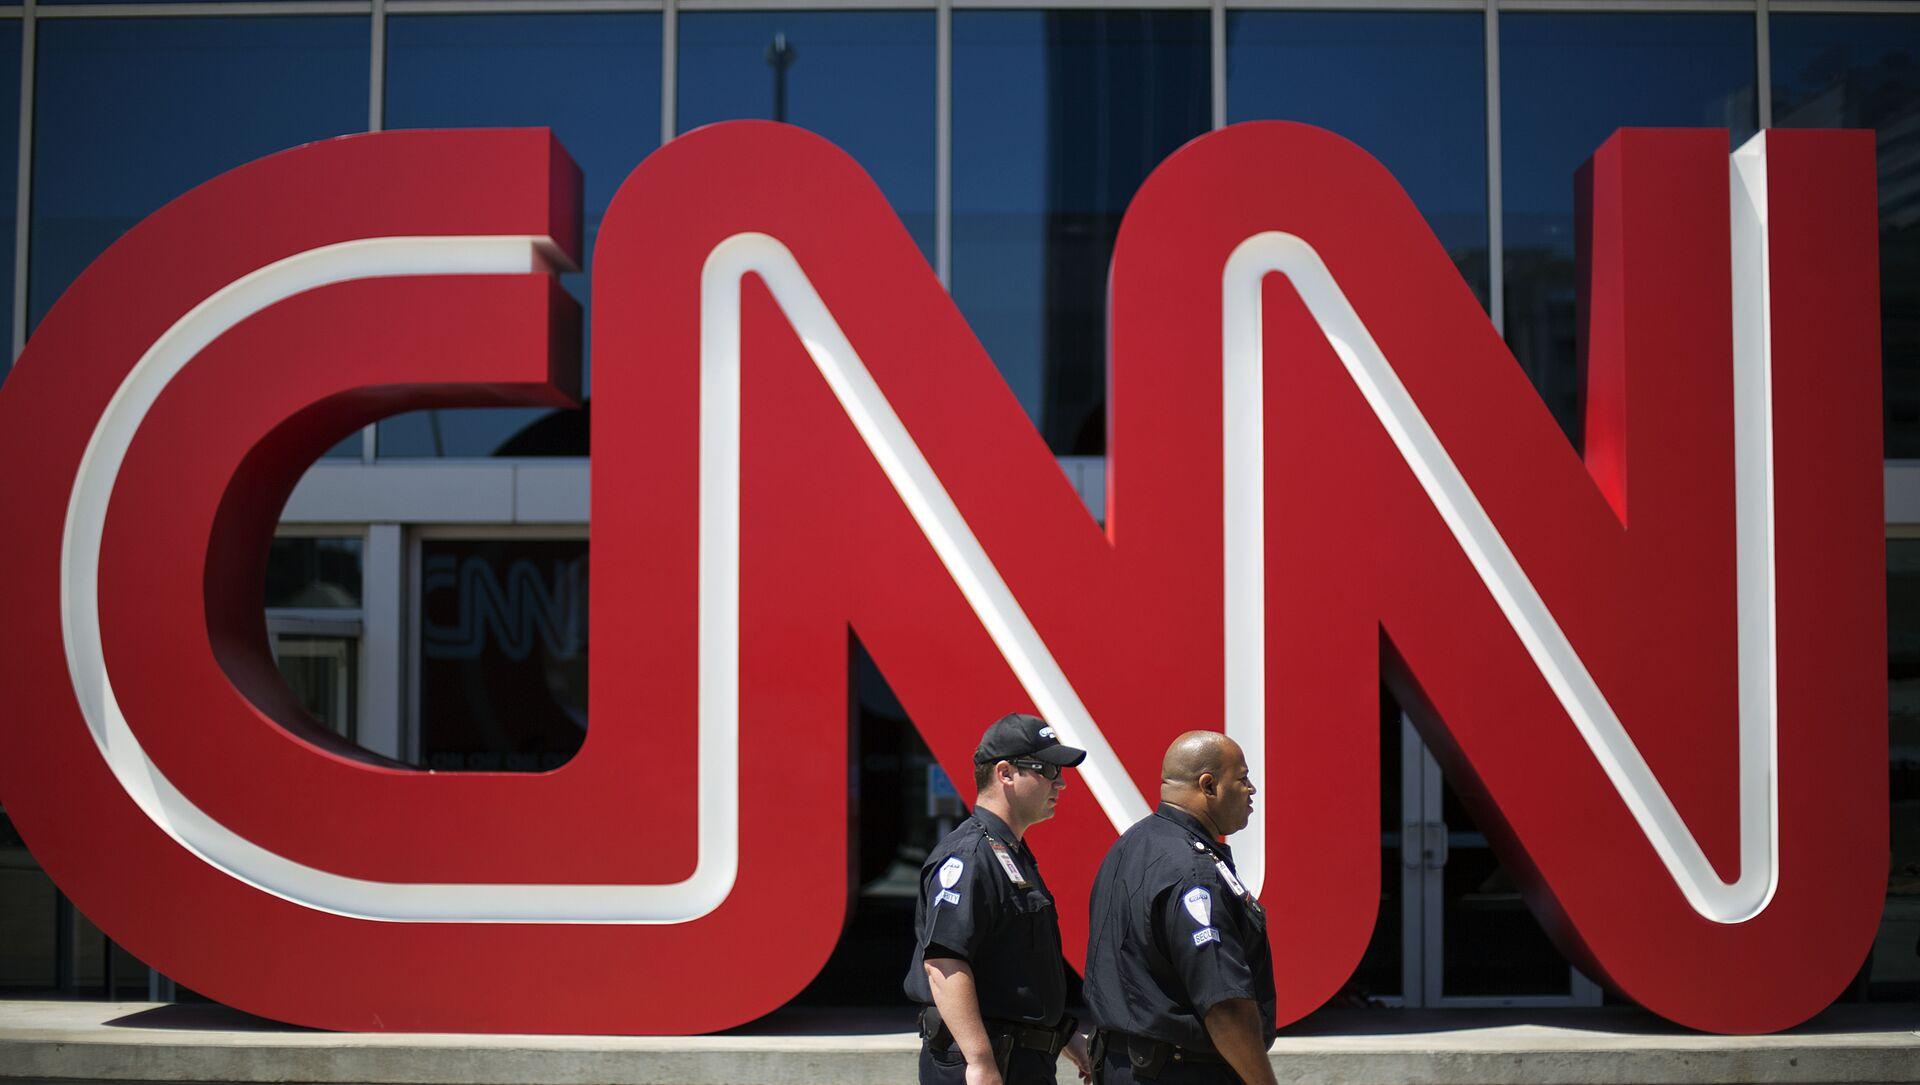 Les bureaux de CNN à Atlanta, aux États-Unis - Sputnik France, 1920, 06.08.2021